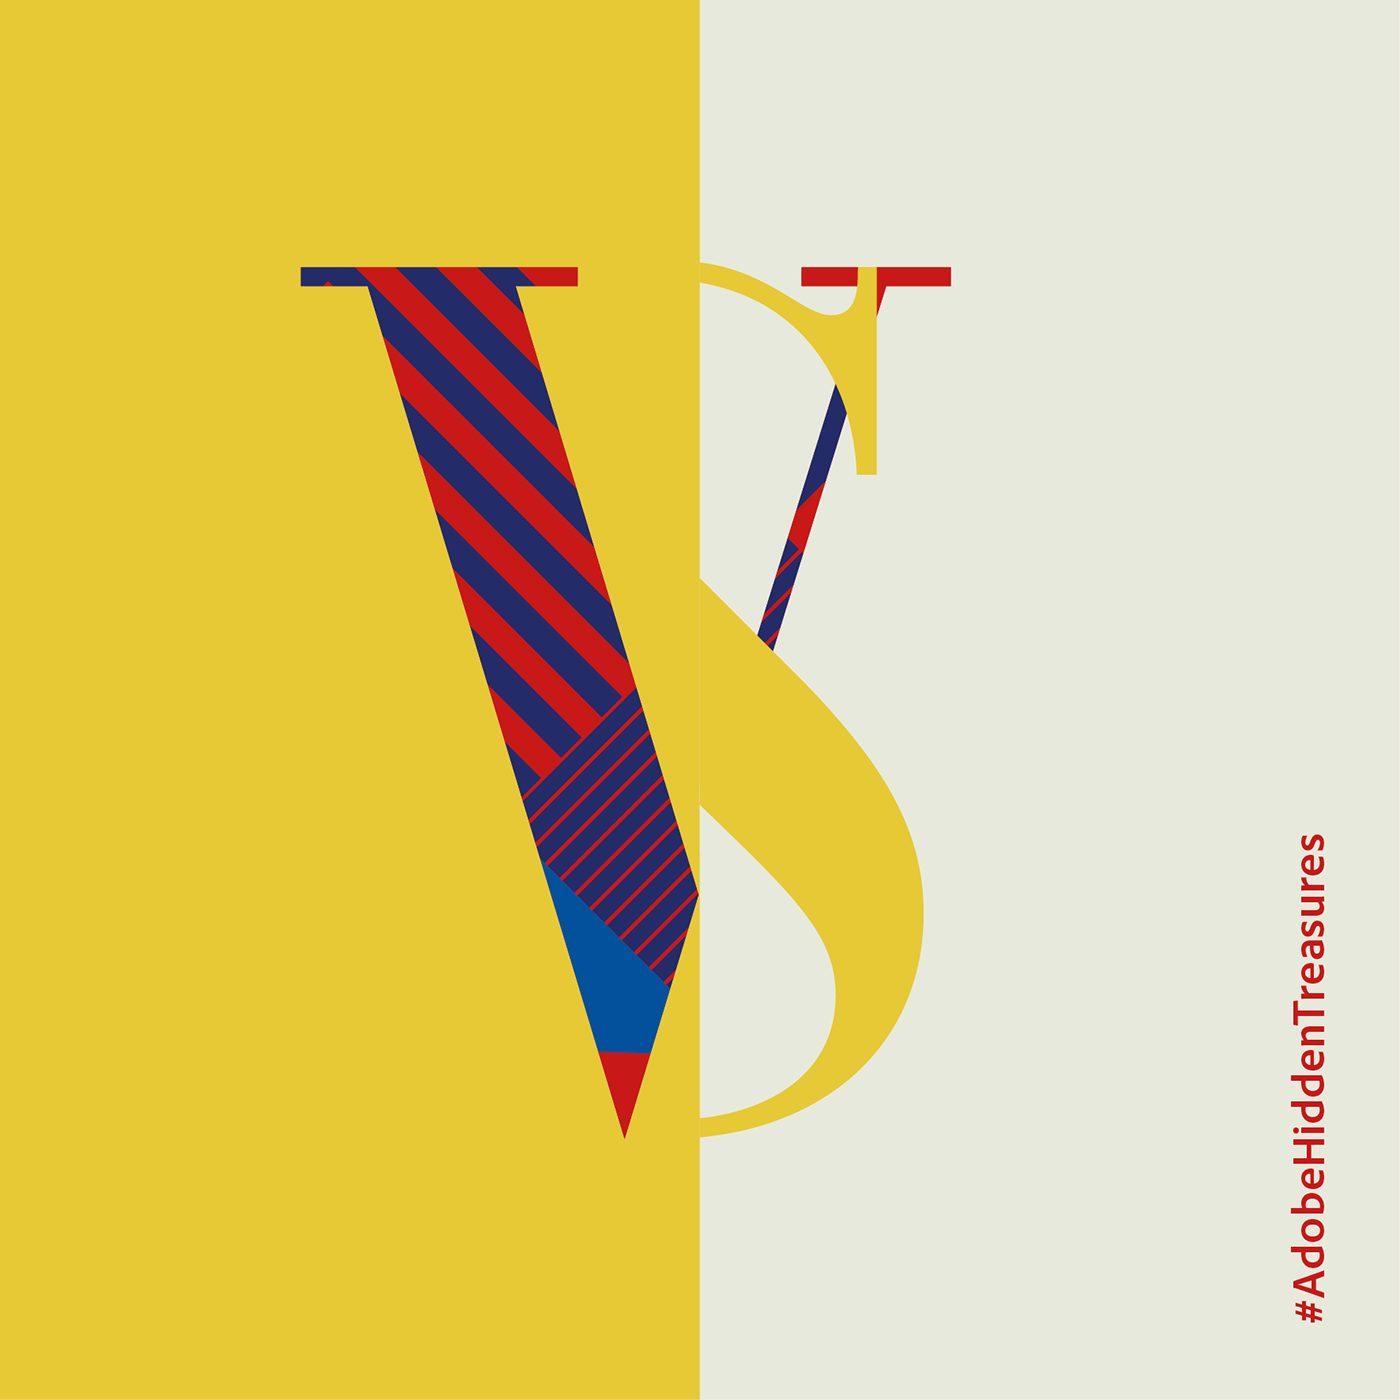 Typography Design | Adobe Hidden Treasures – Cuba Gallery